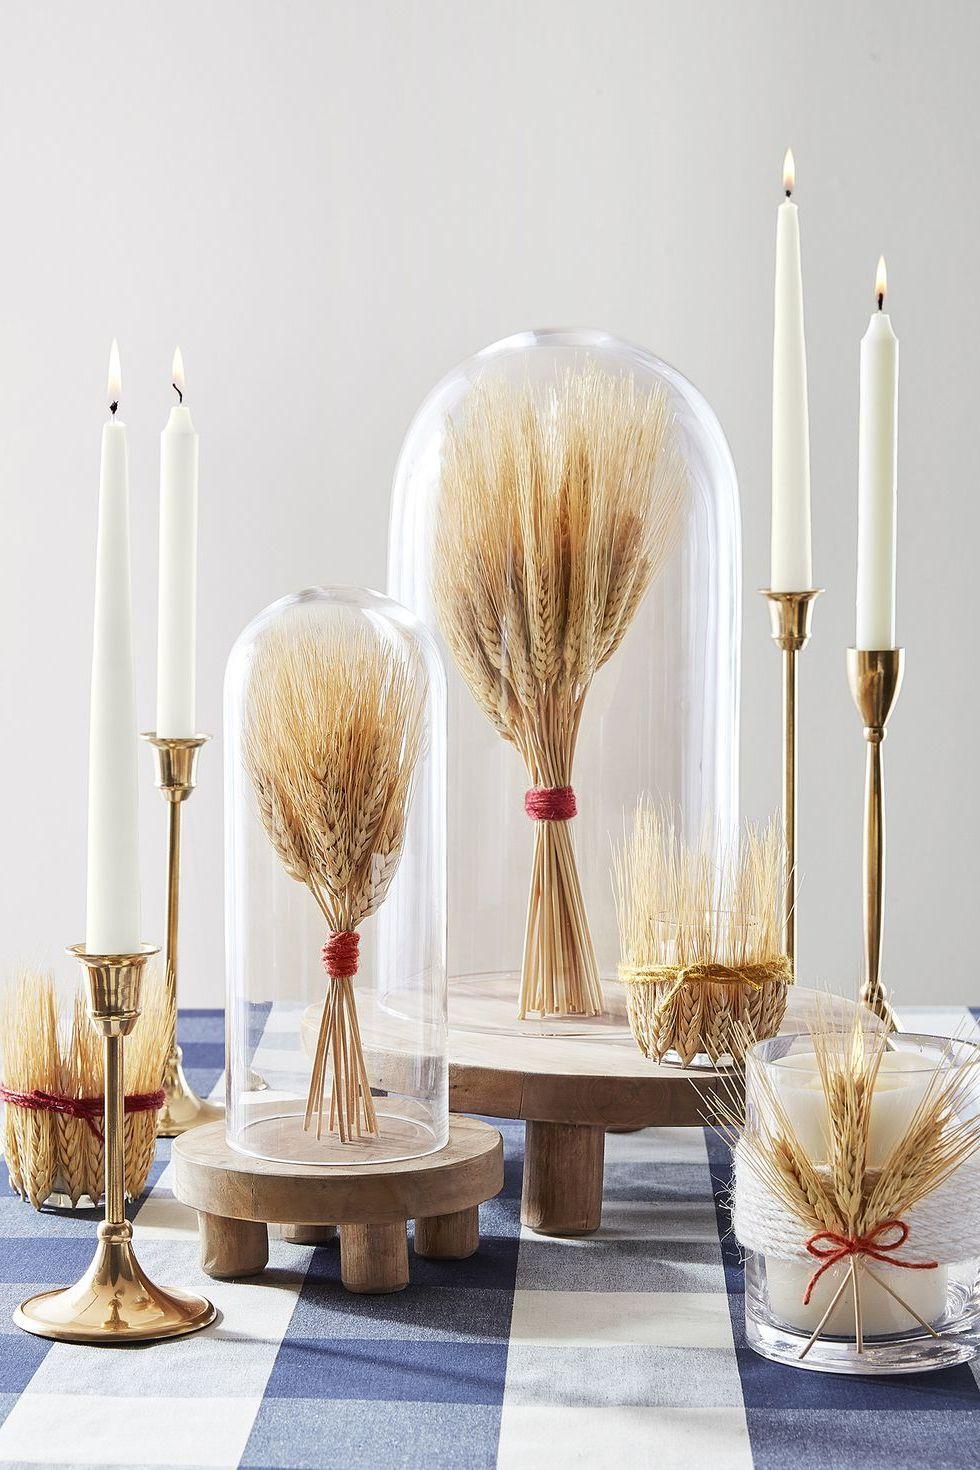 Tischideen und Ambiente: Dekorative Kerzen für ein herbstliches Ambiente am Tisch